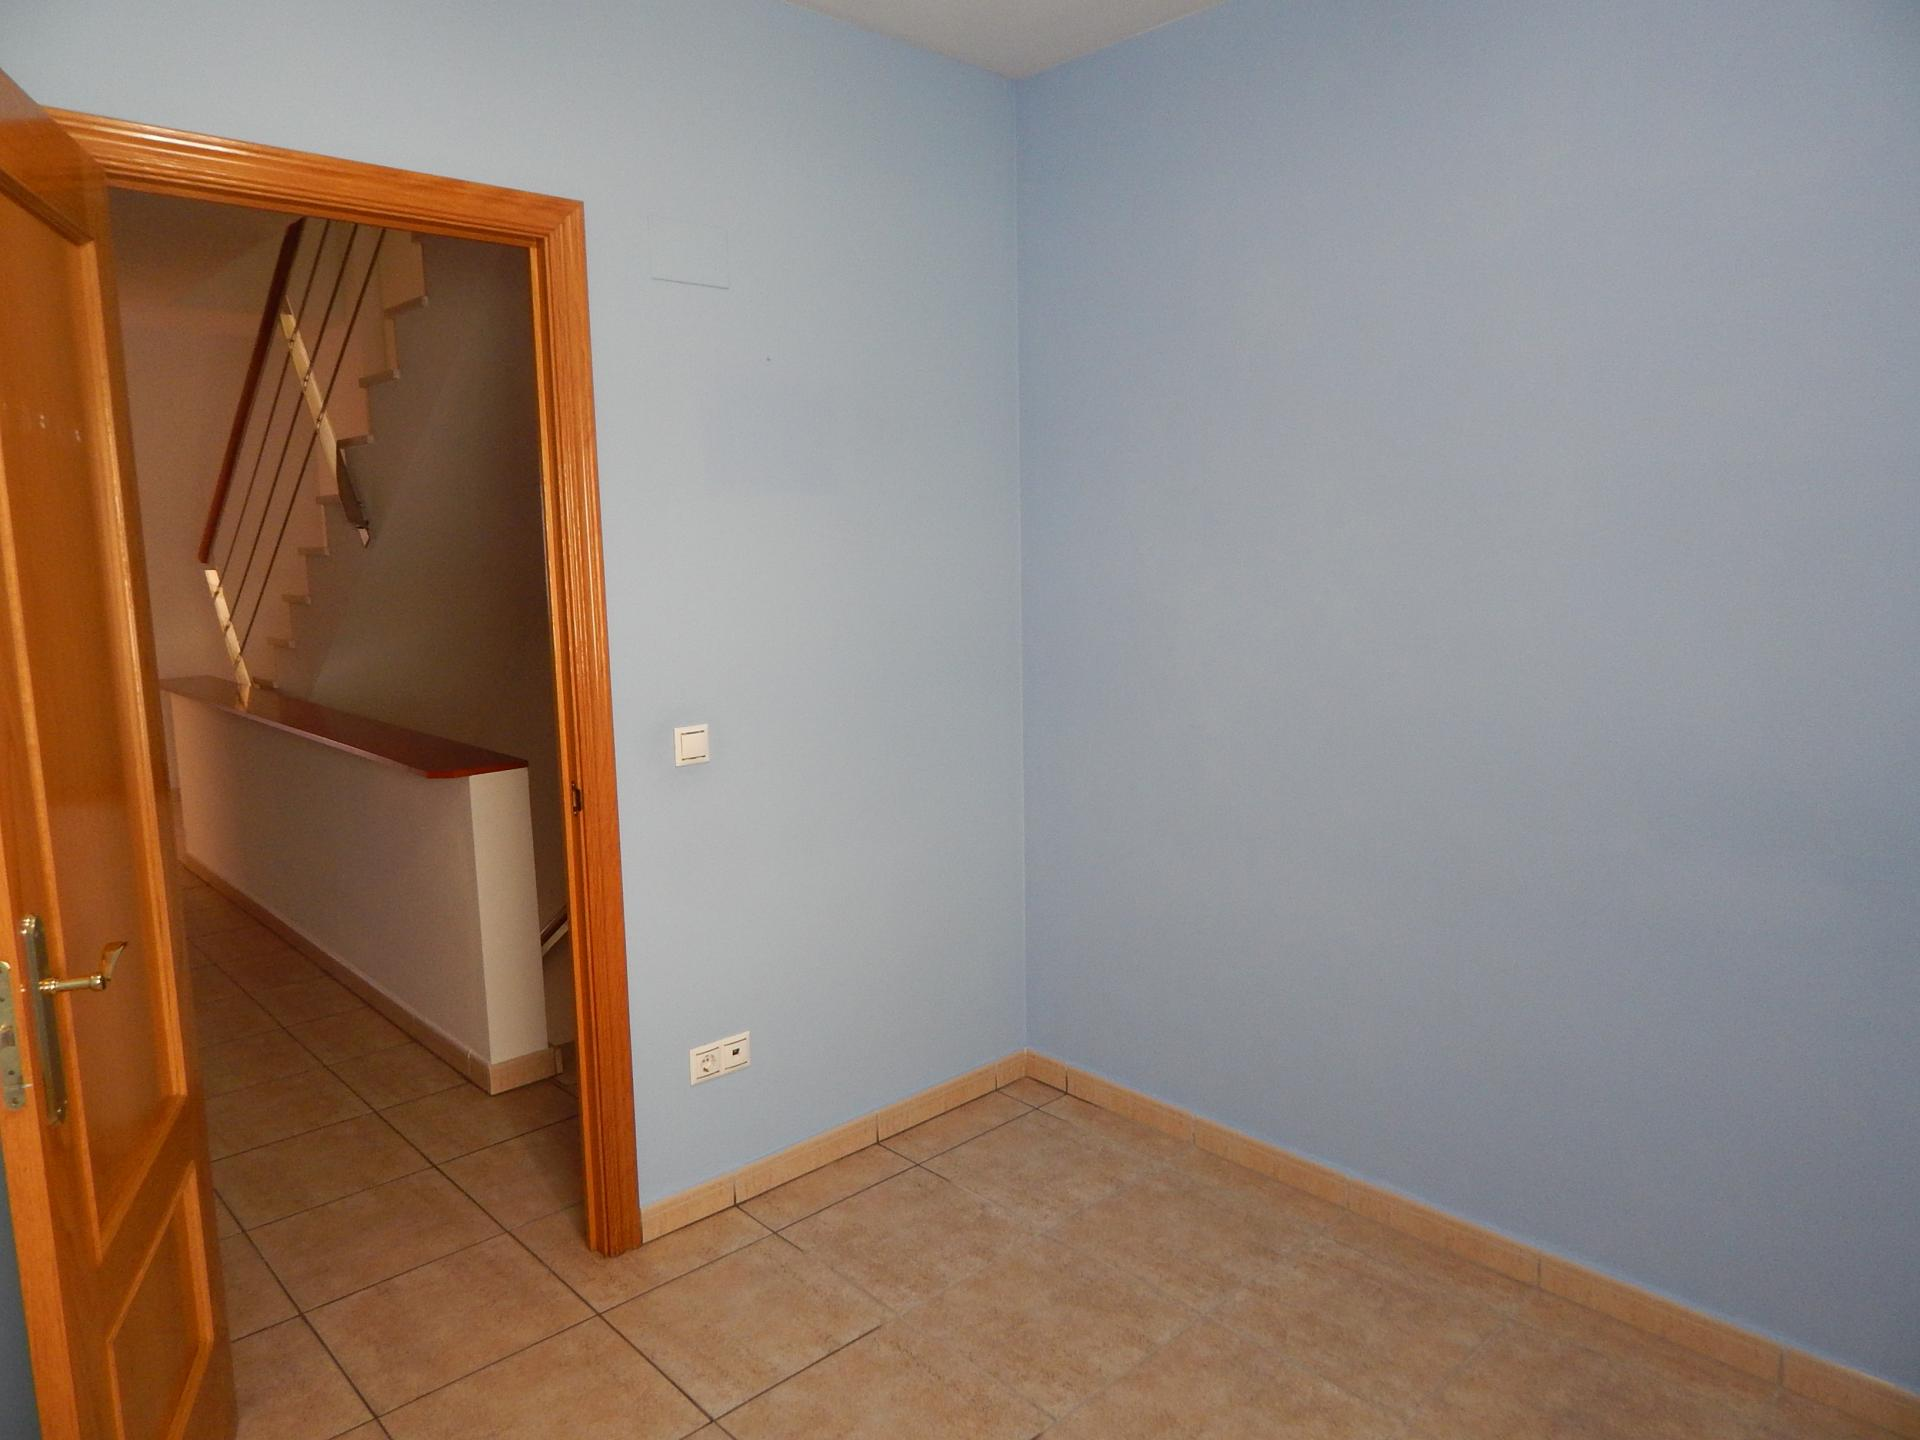 Foto 17 (V-700/2020) - Unifamiliar adosada en Venda a Cabanyes, Les